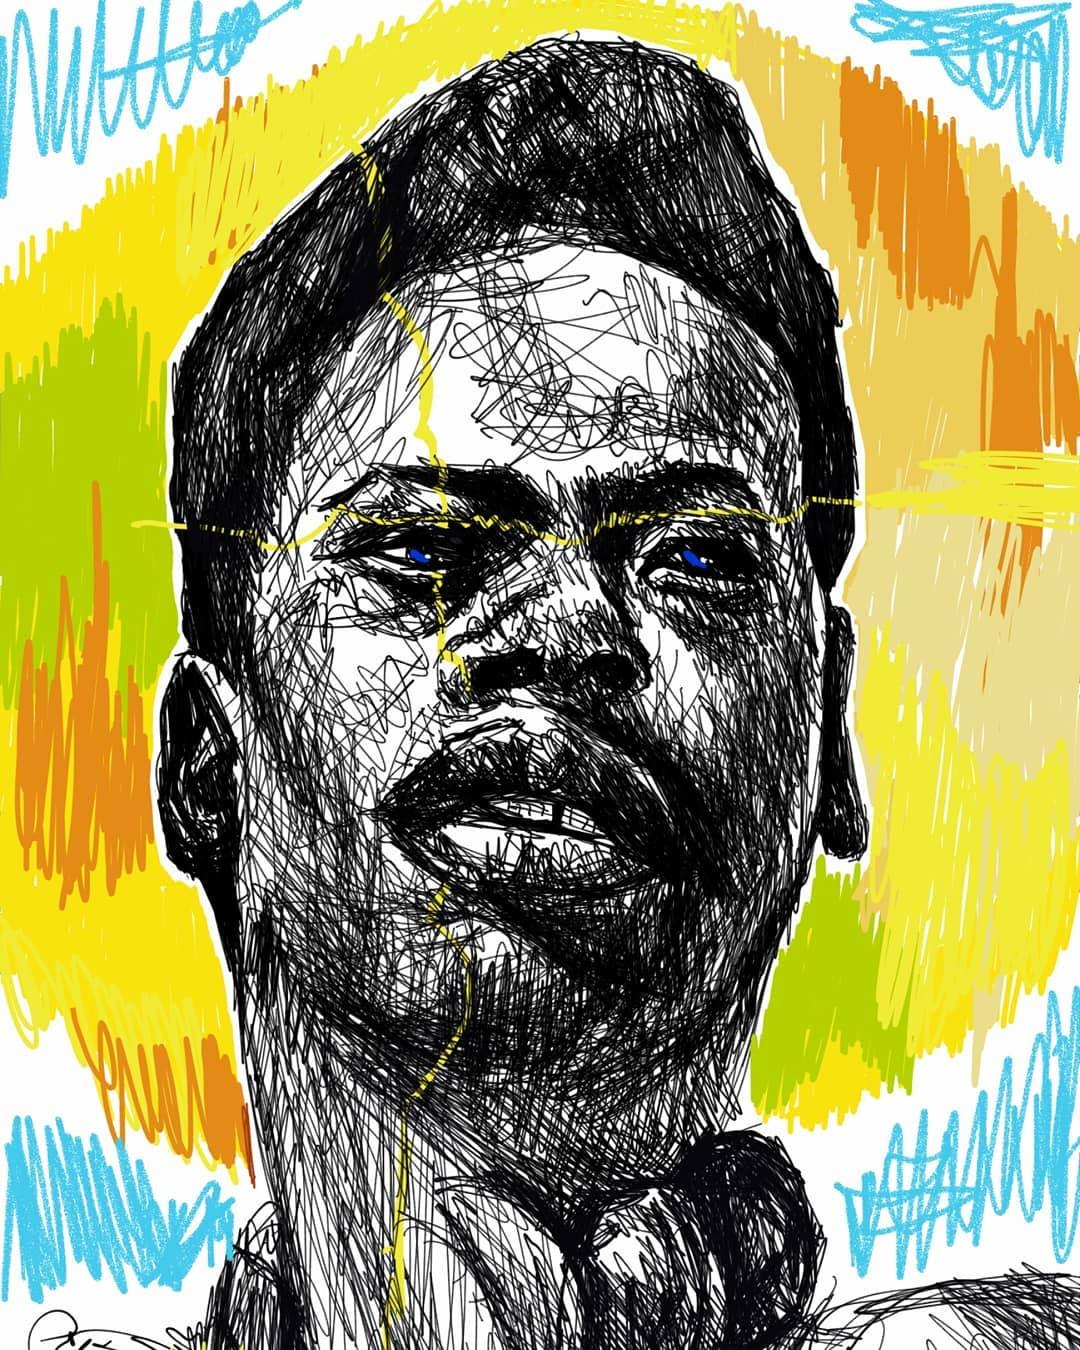 Art by Thato Mahomane